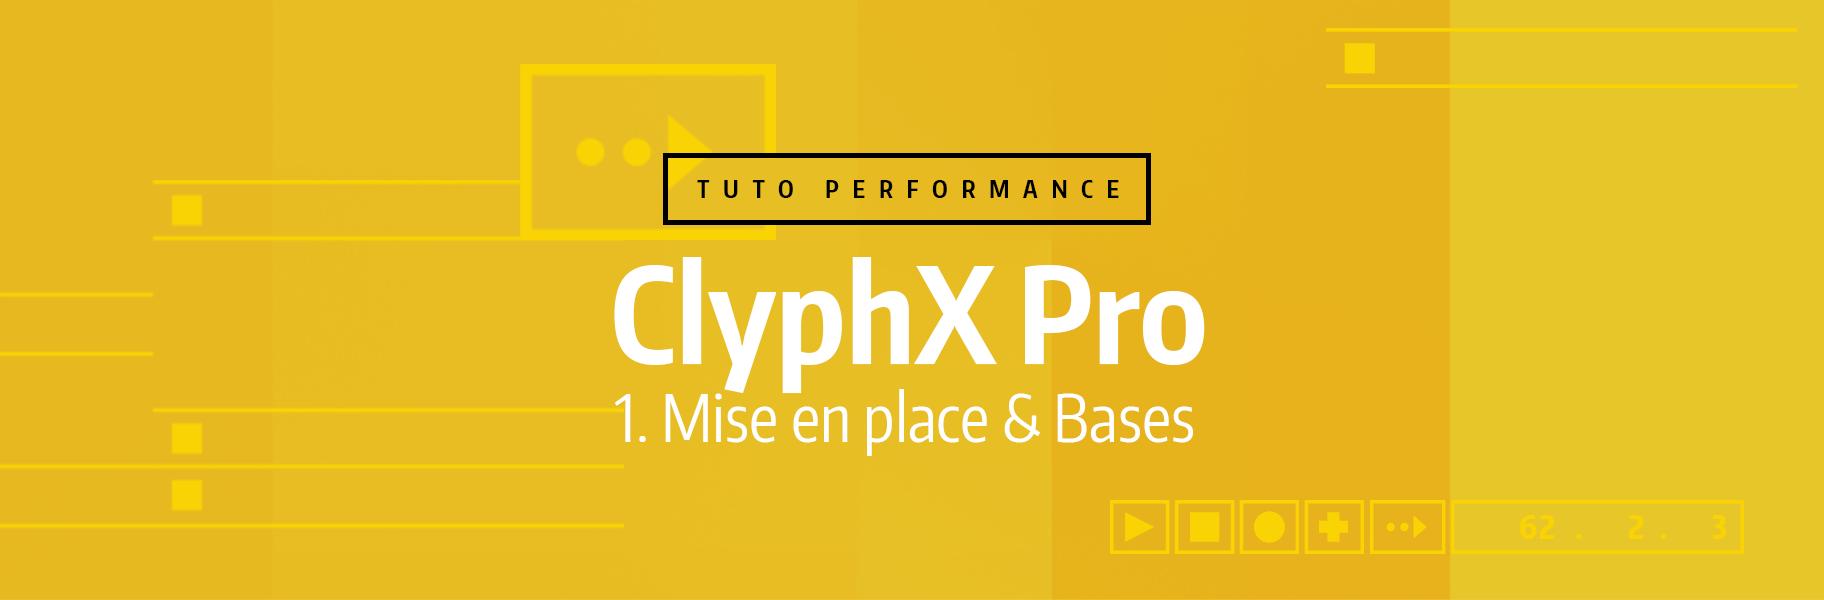 Tutoriel Ableton Live #54 - ClyphX Pro - Mise en place & Bases